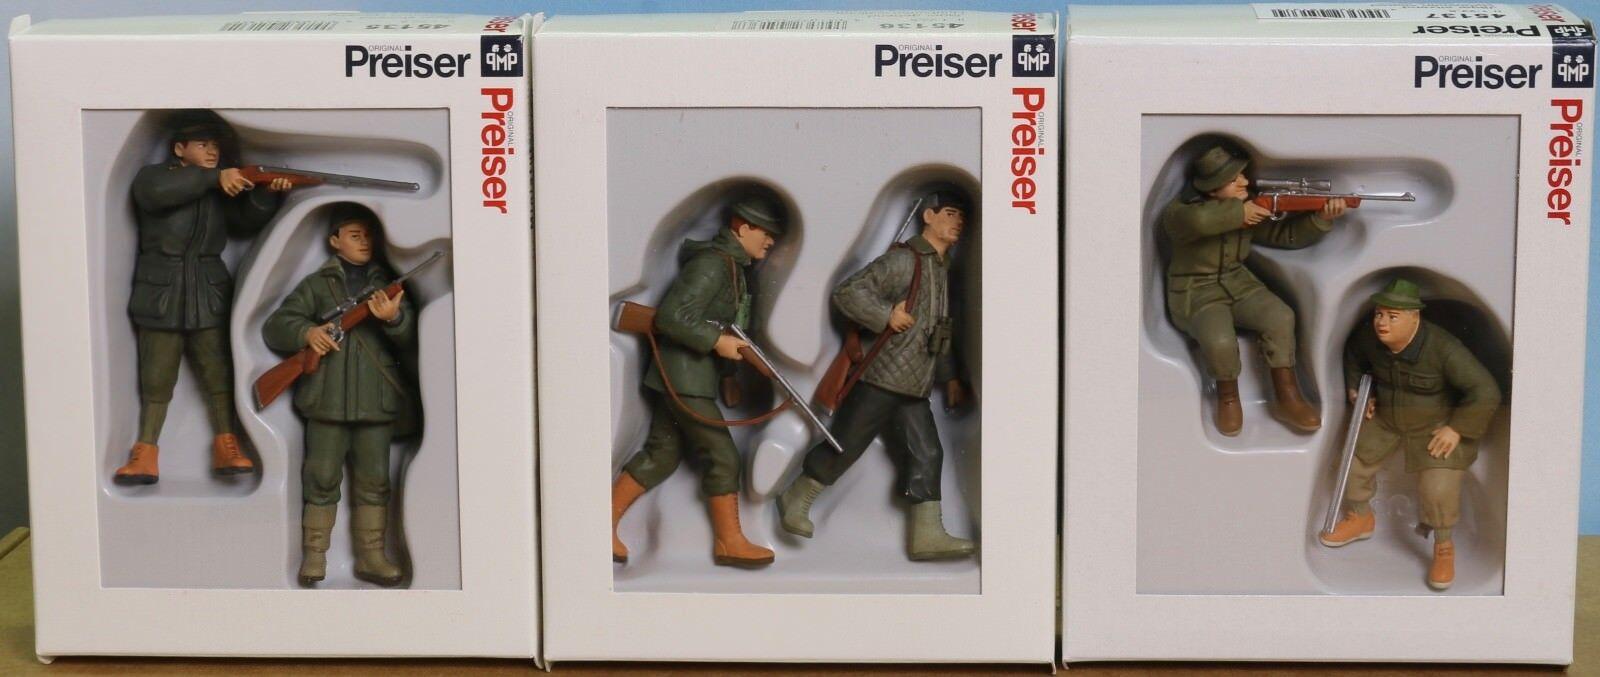 Preiser 45135, 45136, 45137 Spur G   Maßstab 1 22,5 für LGB, 6 Jäger, Paket